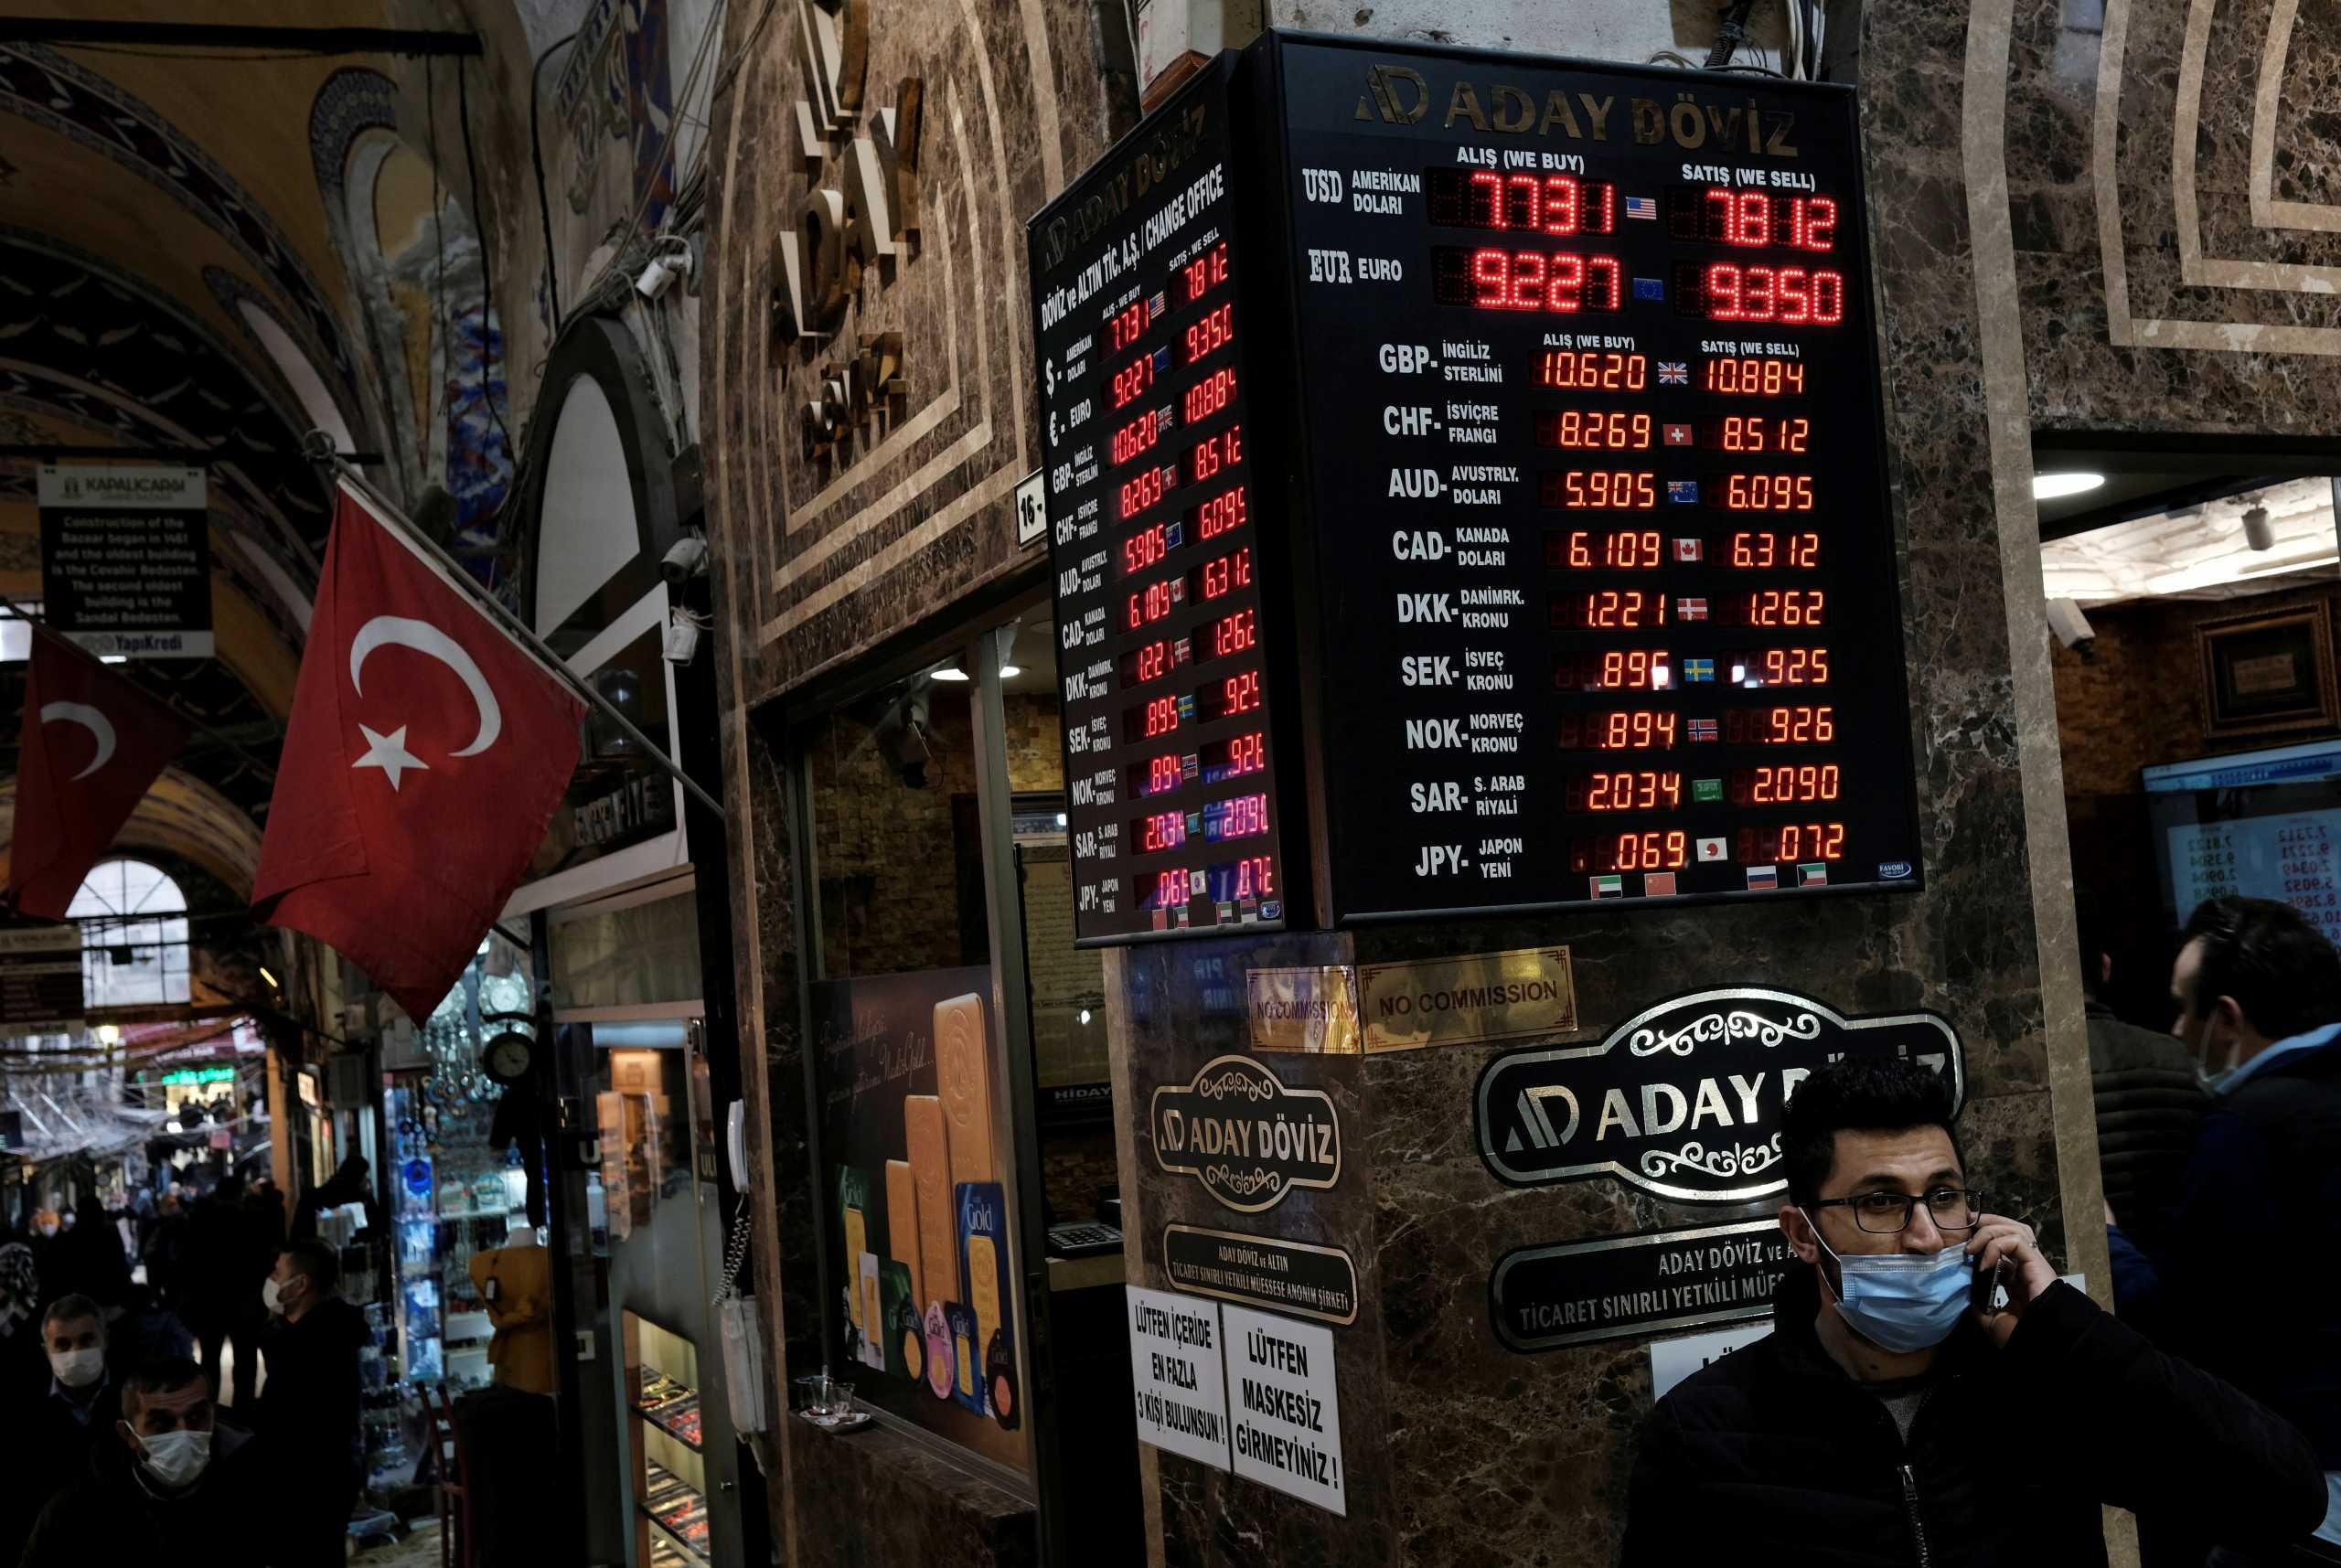 Σήμερα «κληρώνει» για 500 που κατηγορούνται για το πραξικόπημα στην Τουρκία